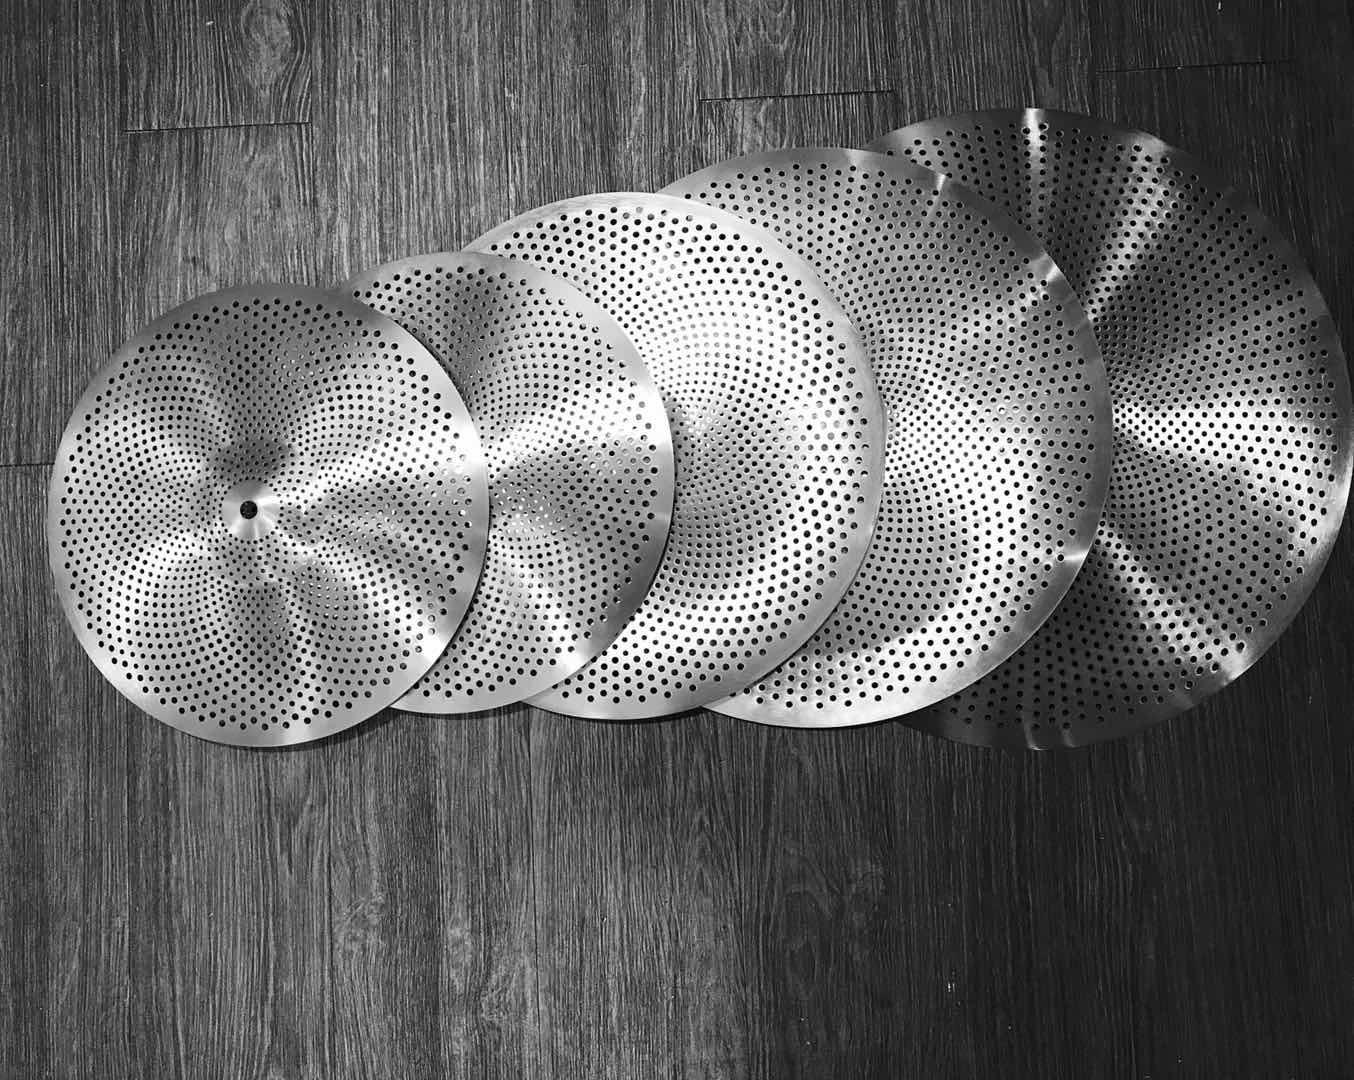 Musoo Düşük Hacim Sessiz Splash Cymbals Paketi Uygulama için